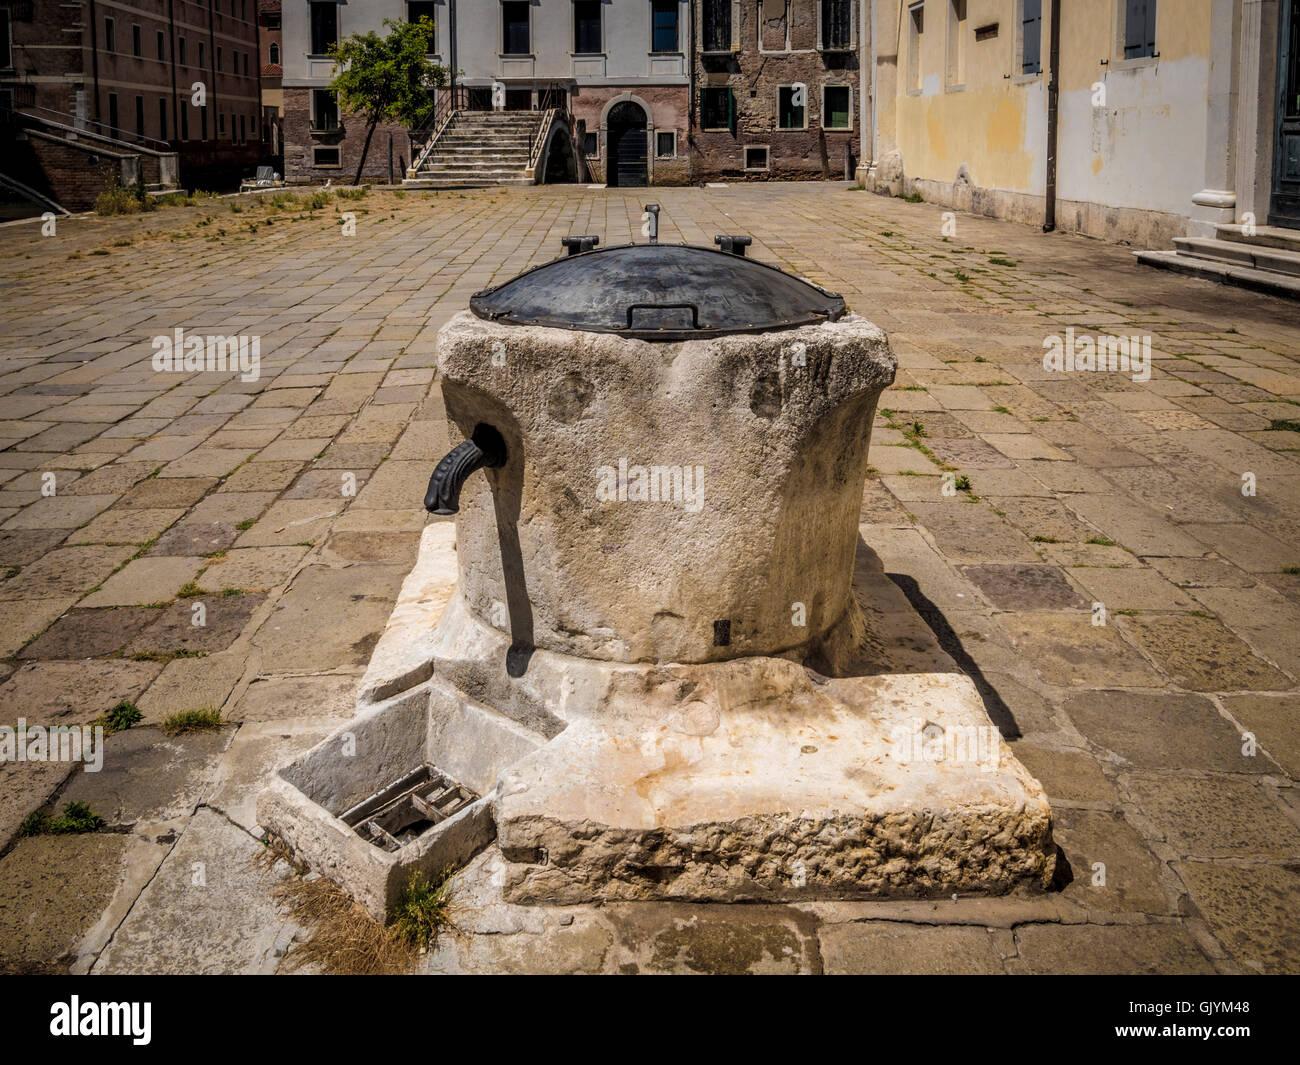 Stillgelegten Wasser gut in einer venezianischen Platz oder Campo, Venedig, Italien. Stockbild